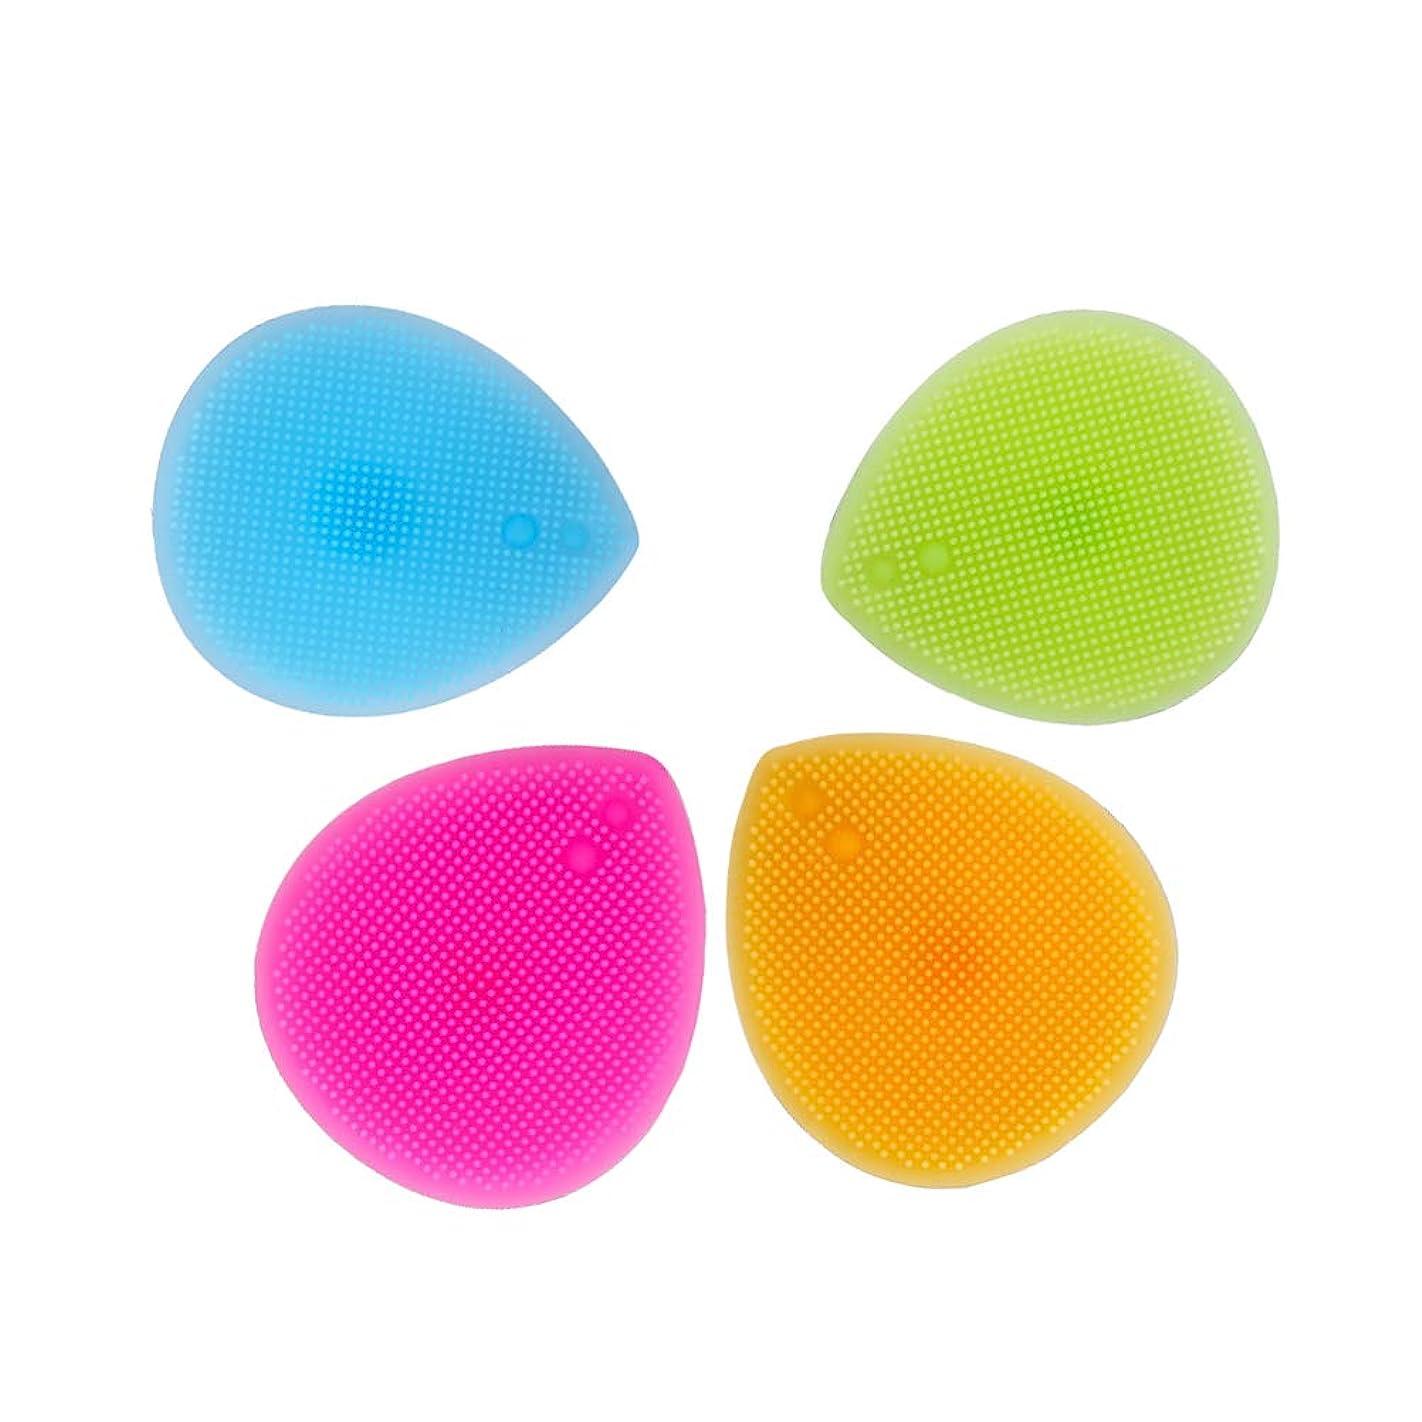 ドラッグ暴露する借りているHEALIFTY シリコーンブラシクリーナー4PCSメイクアップブラシクリーニングパッドリトルラバーマット(オレンジ+ローズ+ブルー+グリーン)